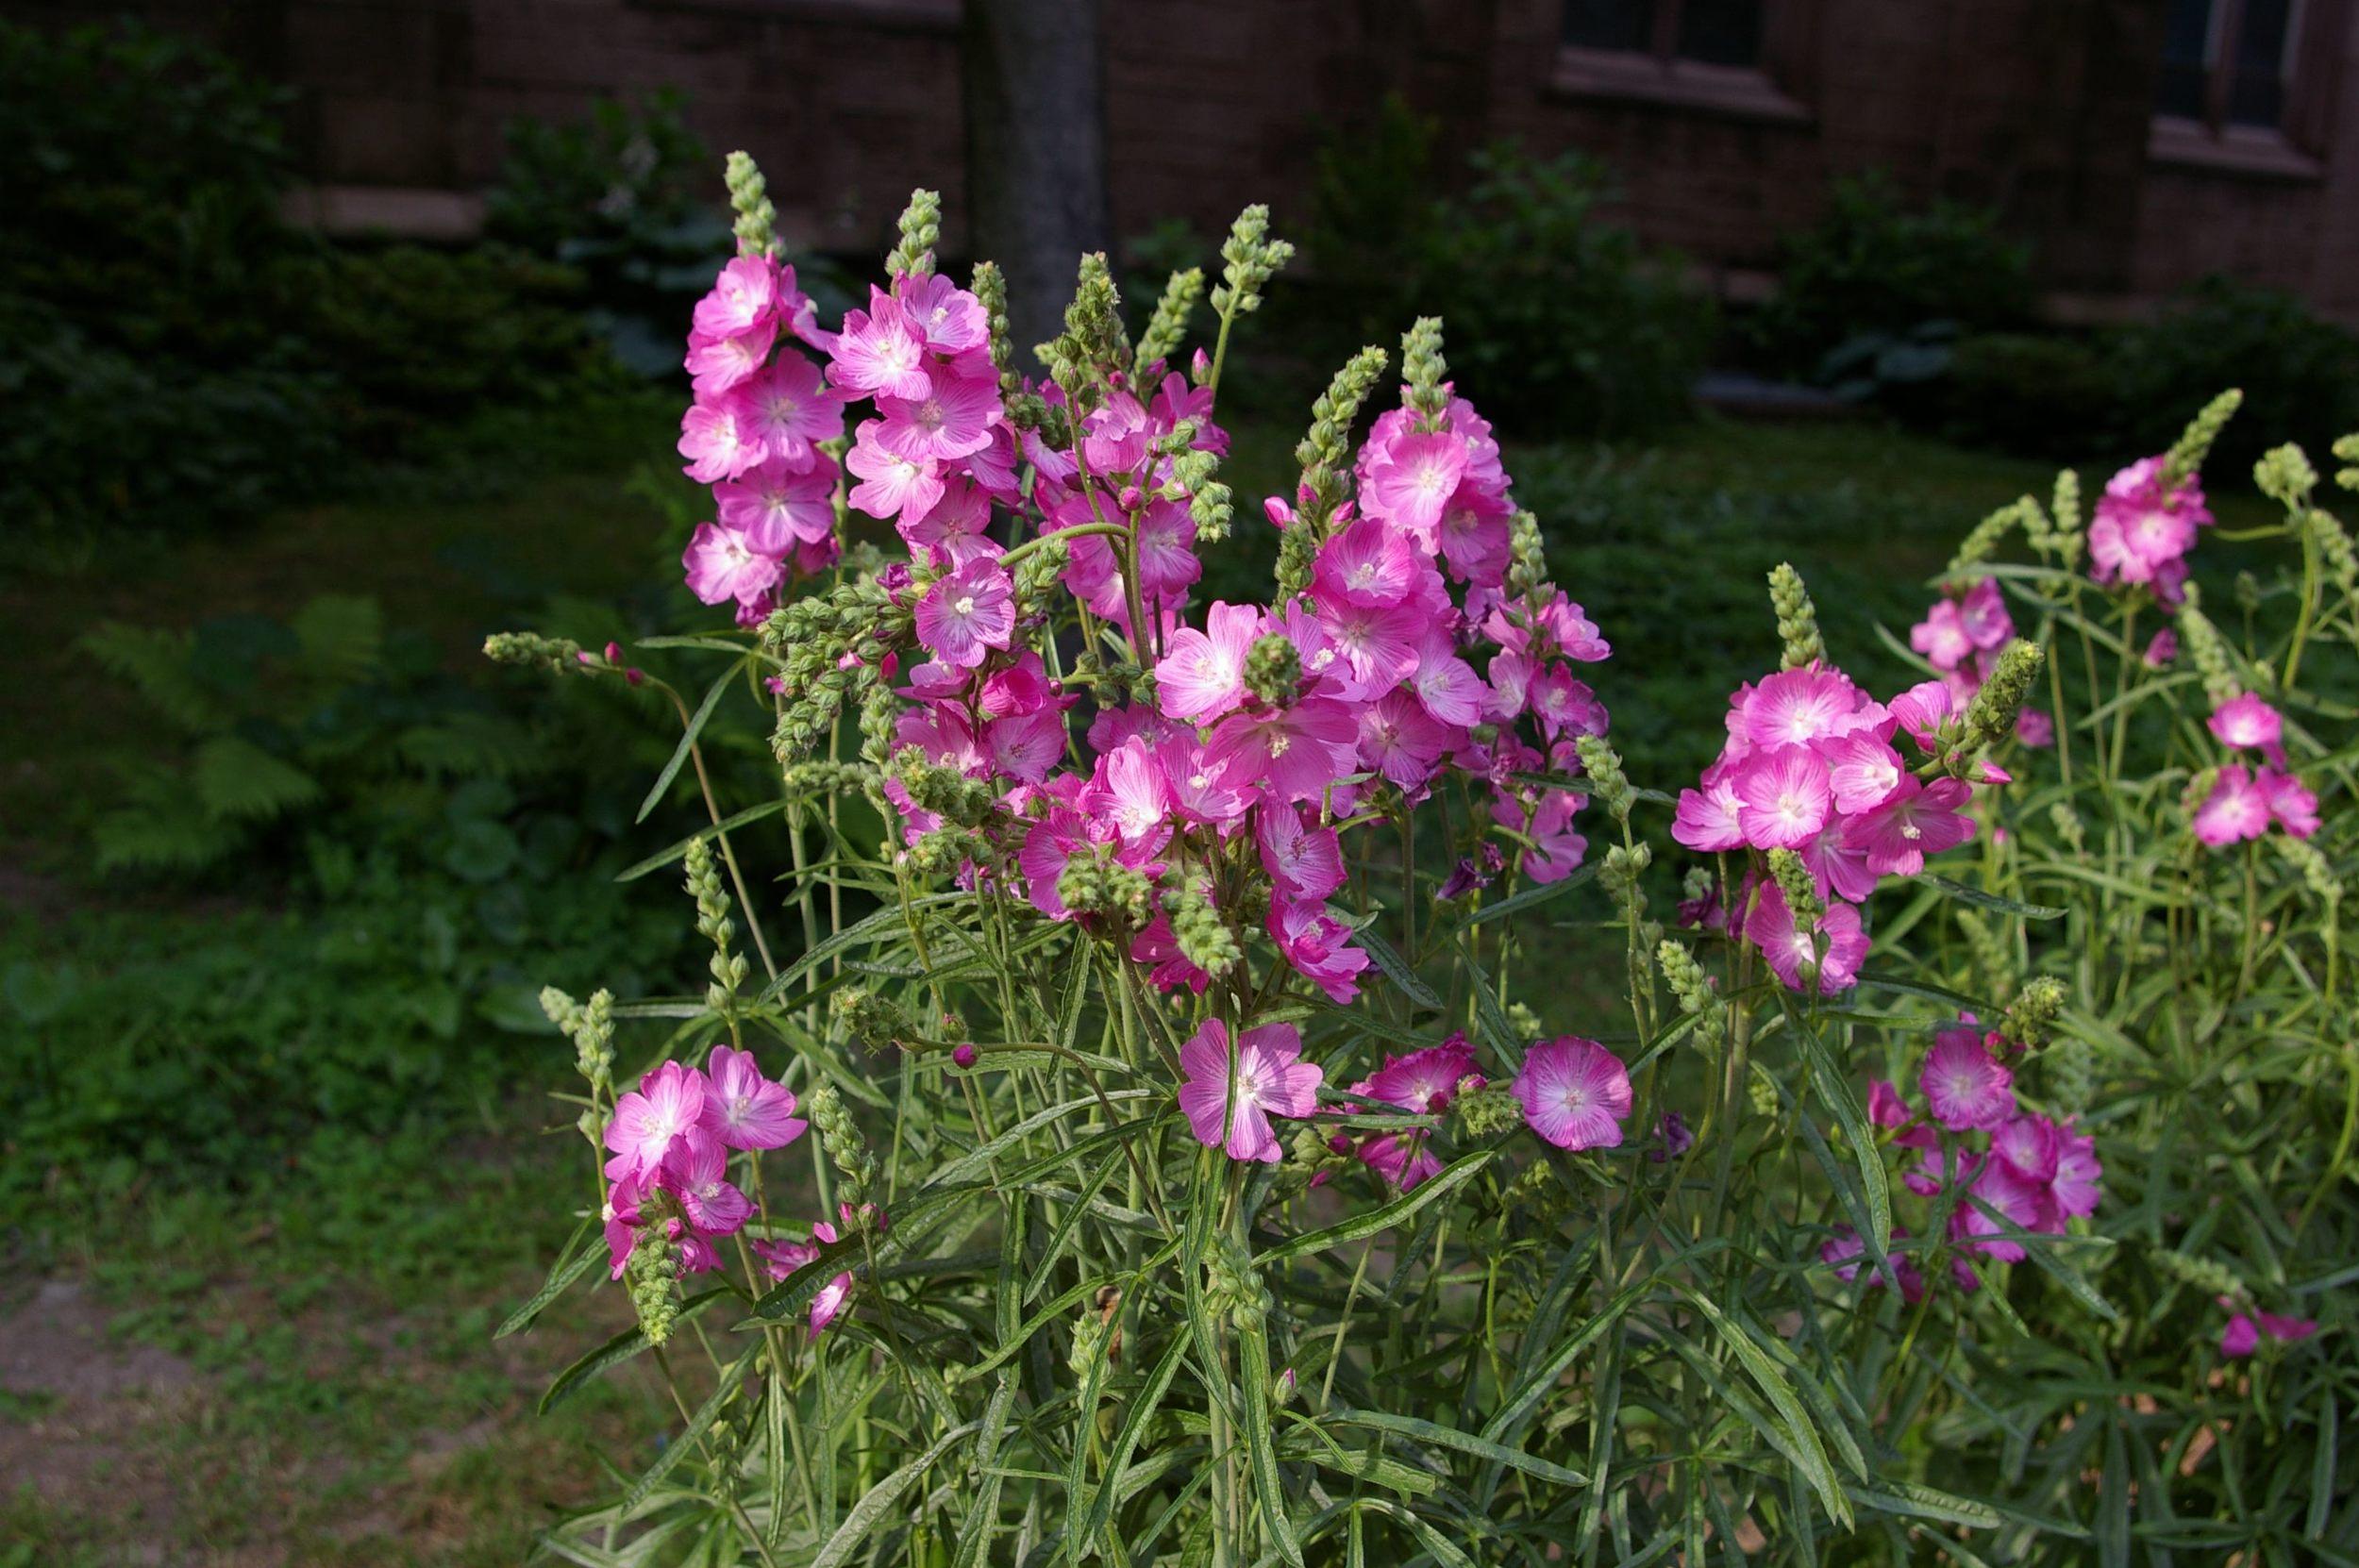 A fine floral ensemble